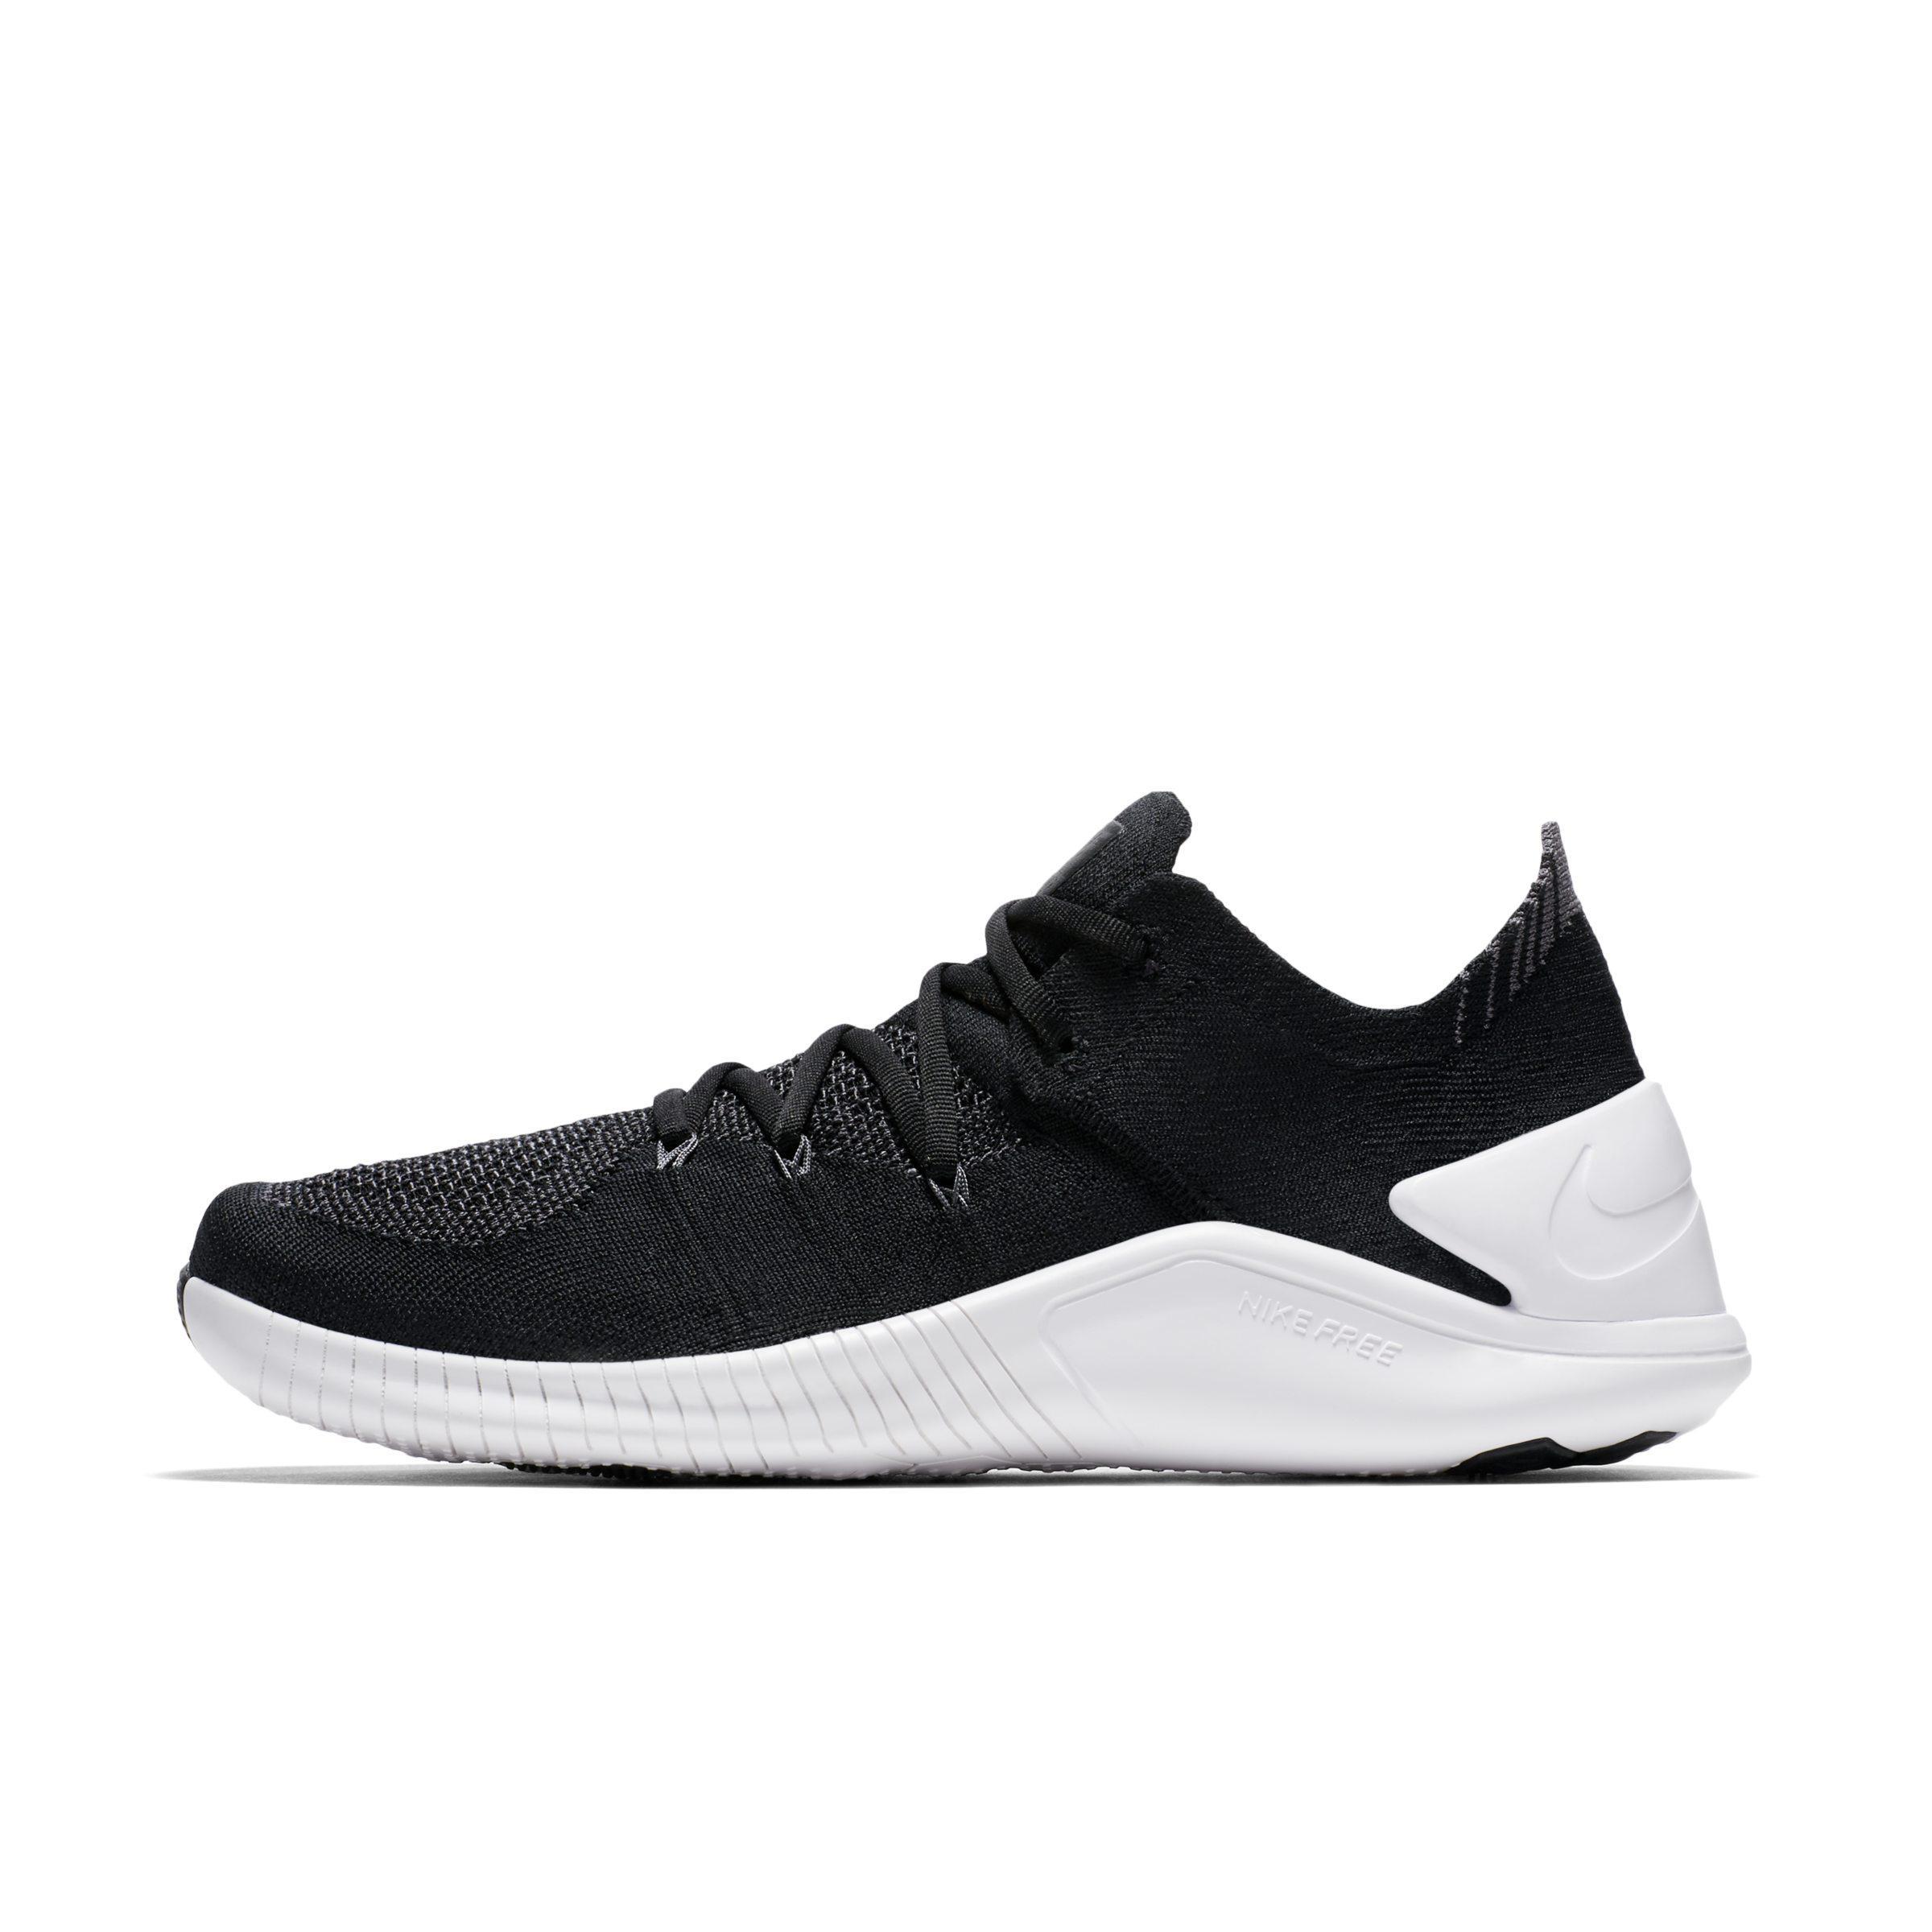 789ba25596b44 Nike Free Tr Flyknit 3 Women s Training Shoe in Black - Lyst